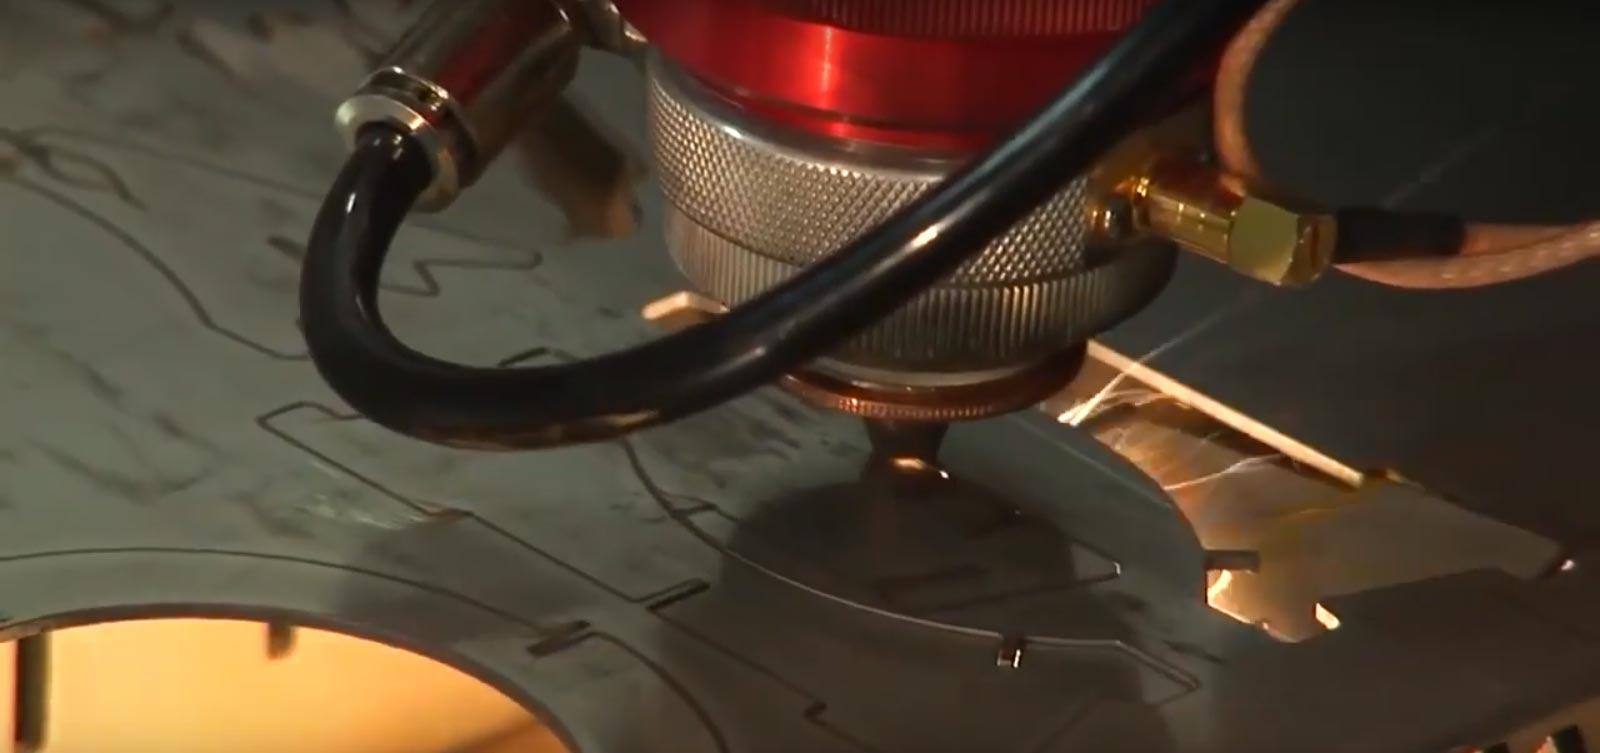 К каким металлам применима лазерная резка